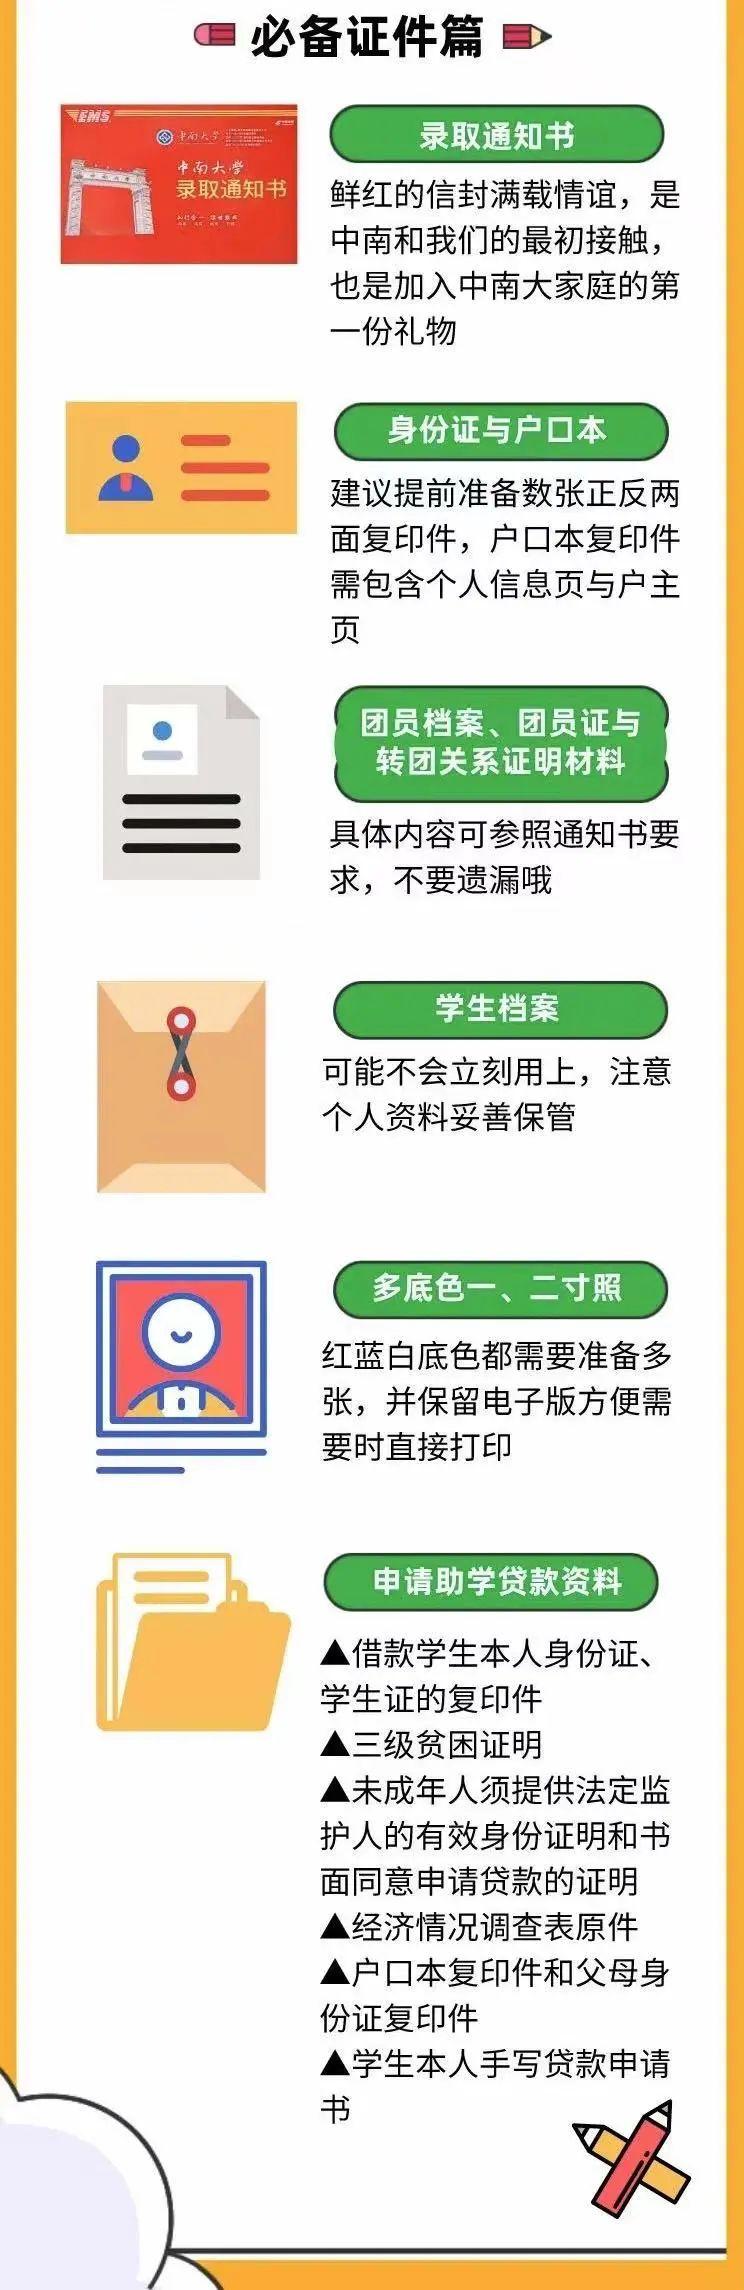 中南新生指南第一弹——入学装备清单!